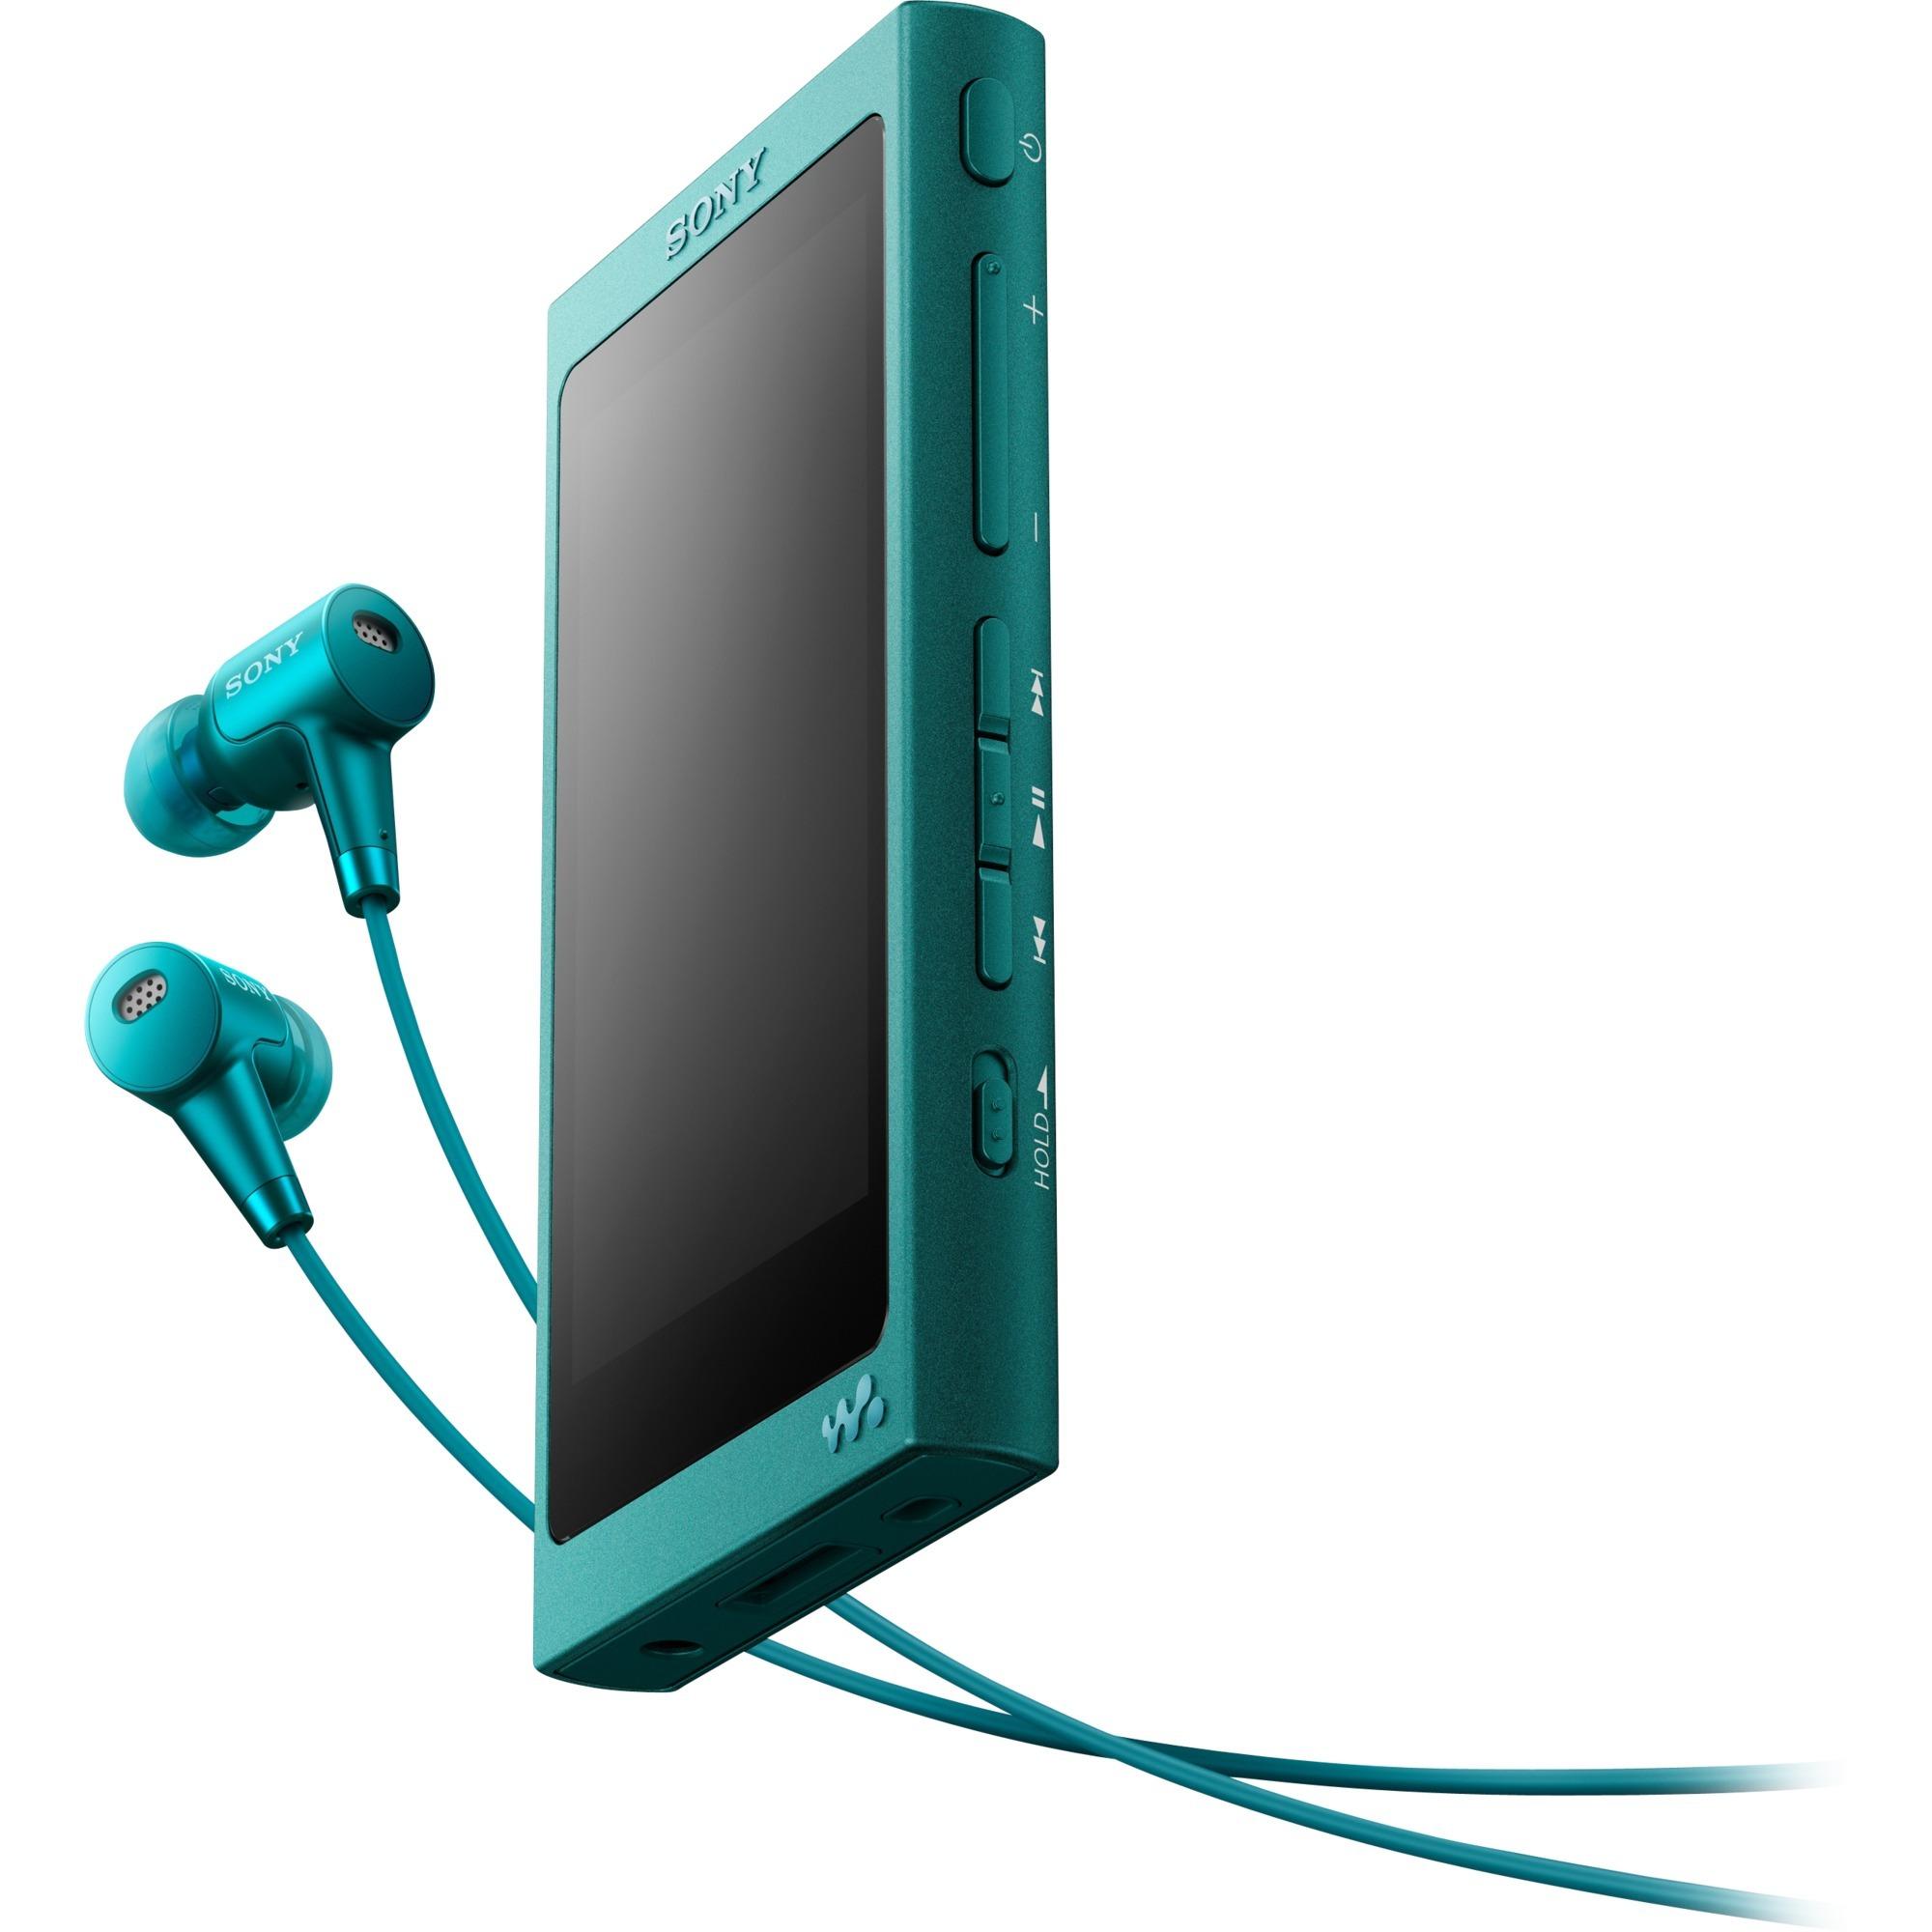 Walkman NW-A35HNL Reproductor de MP4 16GB Turquesa reproductor MP3/MP4